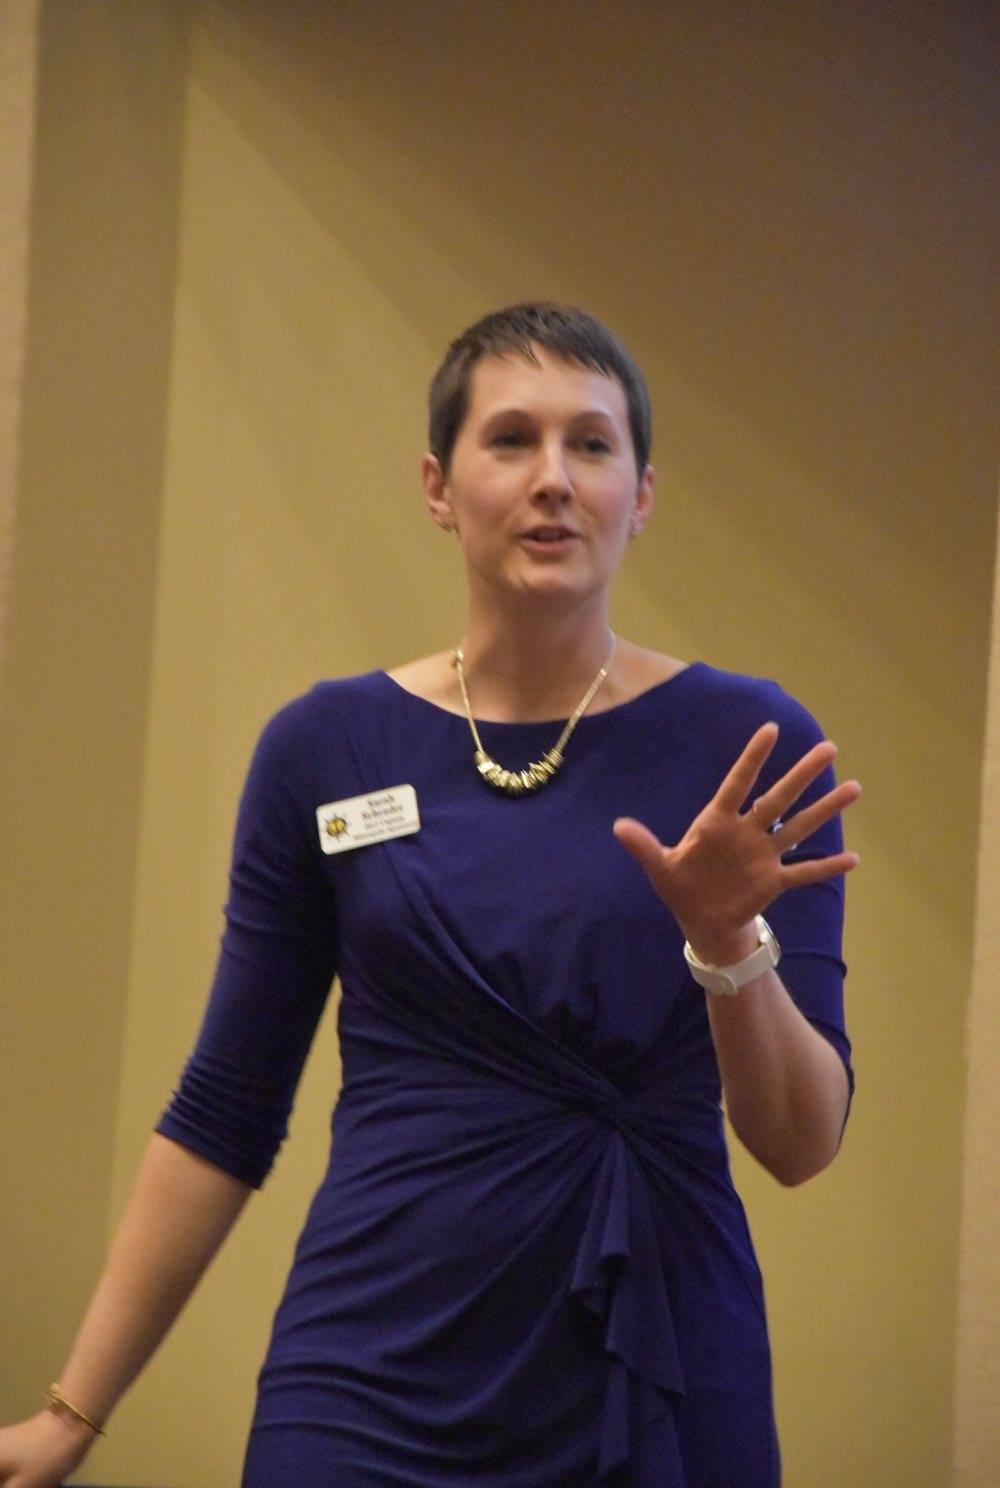 Sarah-Marie-Schrader_public-speaker-2